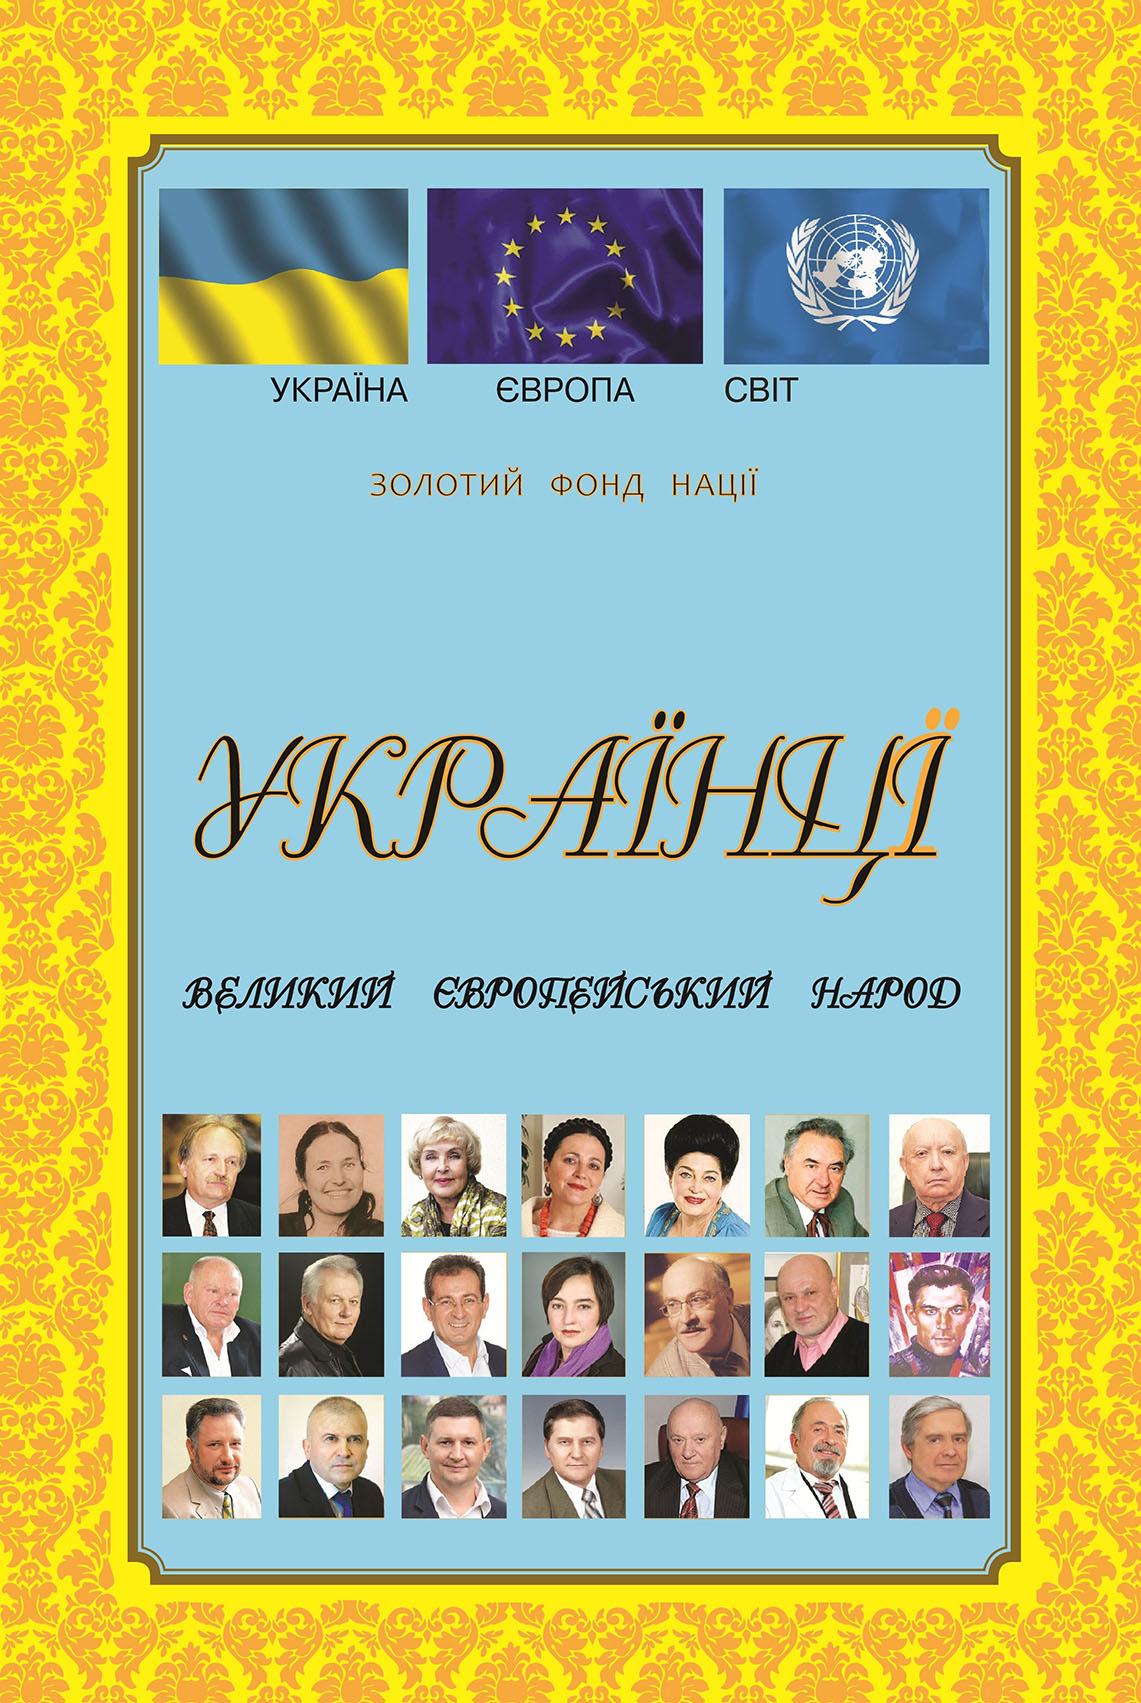 Україна. Європа. Світ. Українці - великий європейський народ. Золотий фонд нації